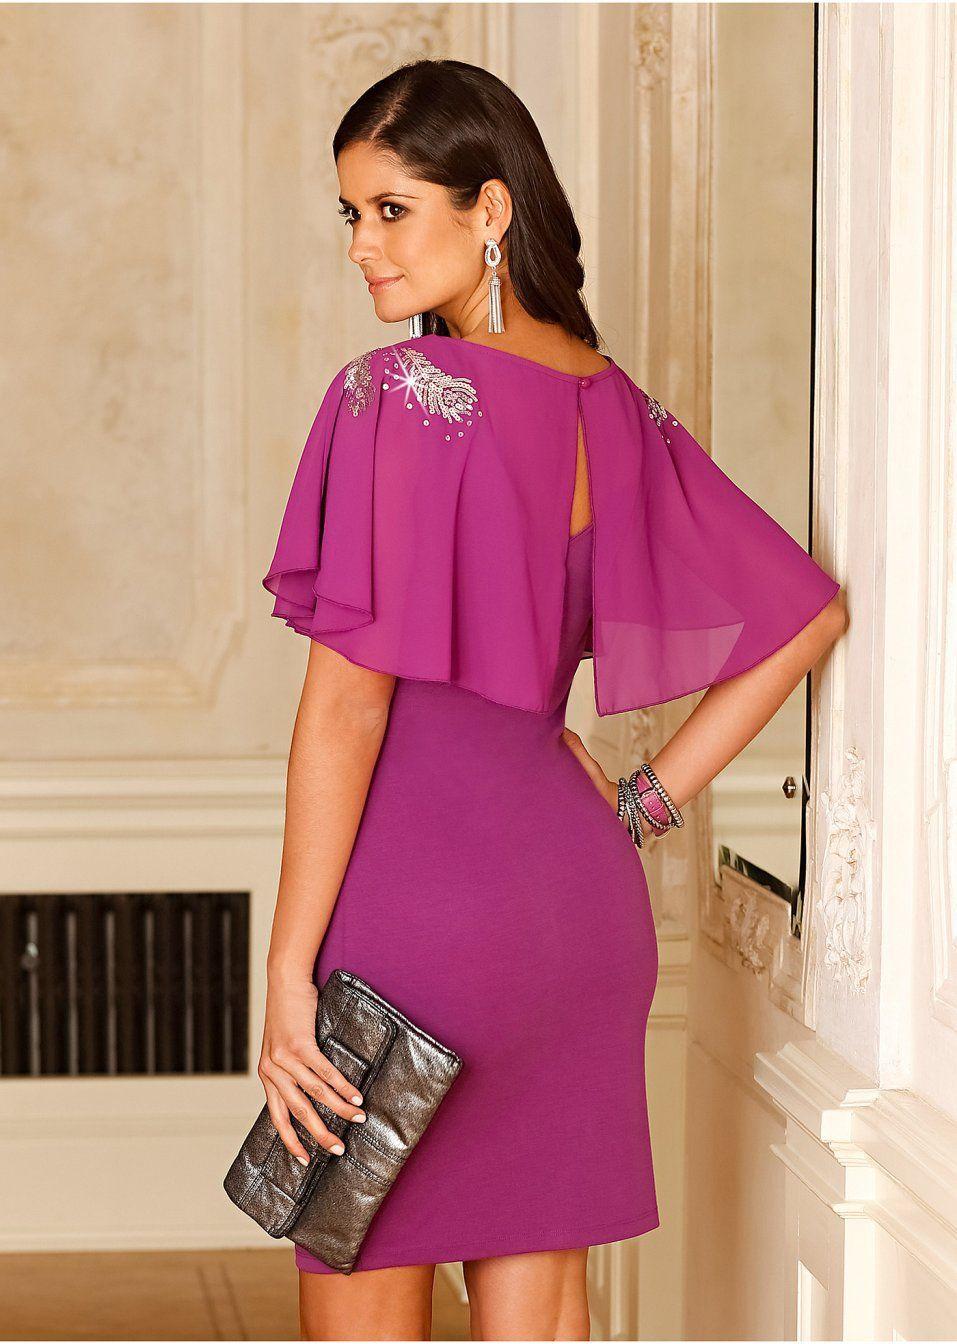 Pin de Anca Roxana en Fashion Is My Attitude | Pinterest